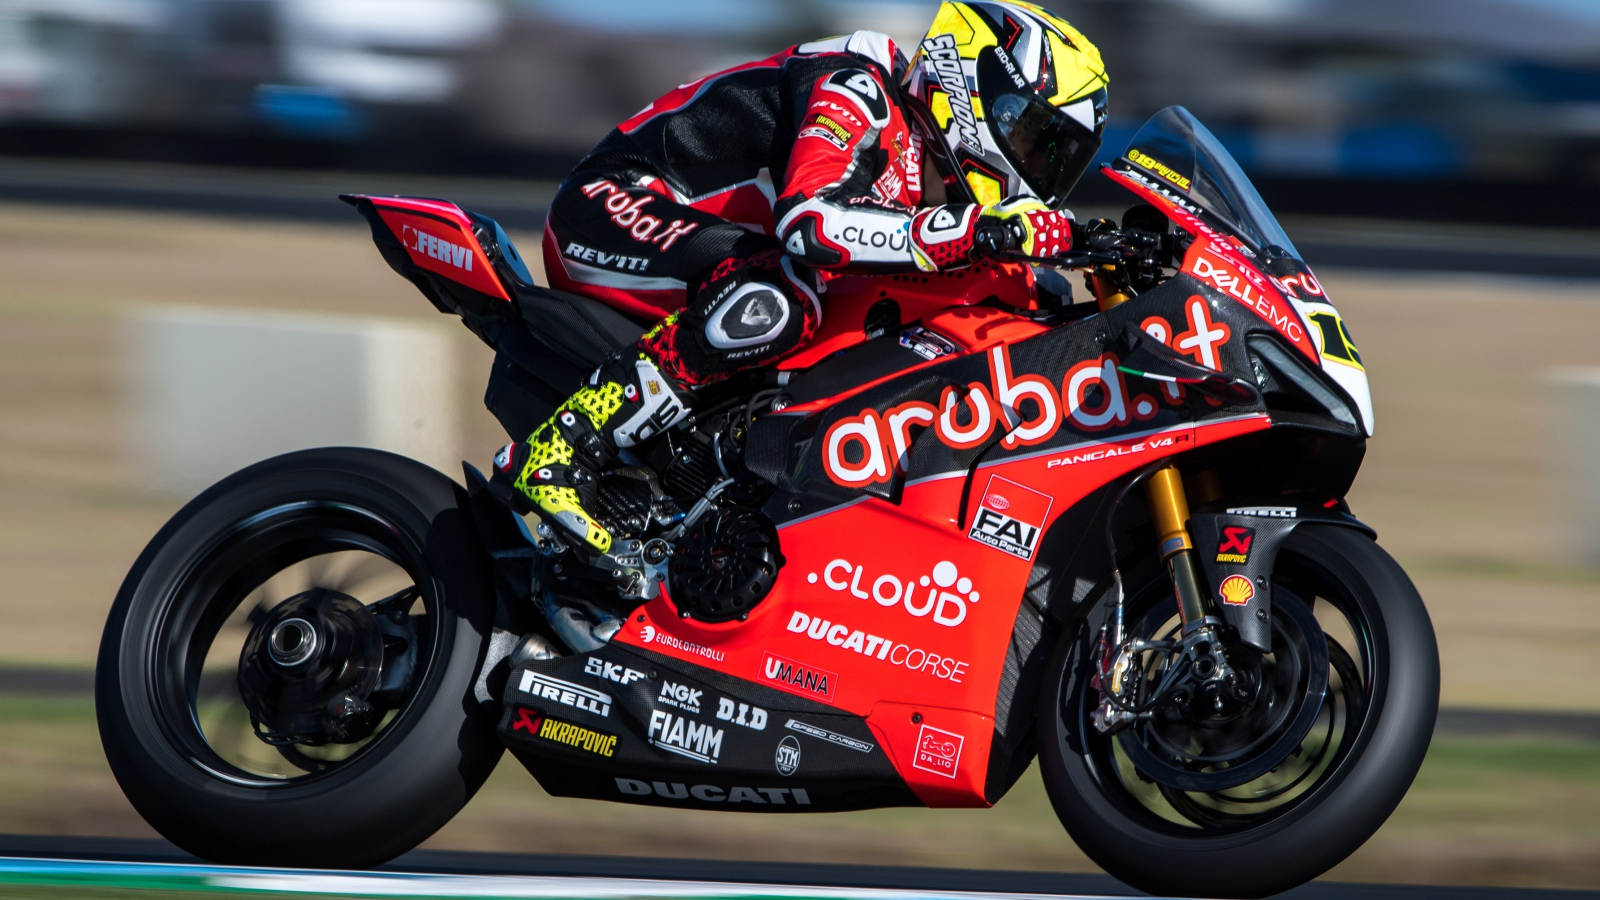 El triple desafío de la Ducati Panigale V4 R para la temporada 2019